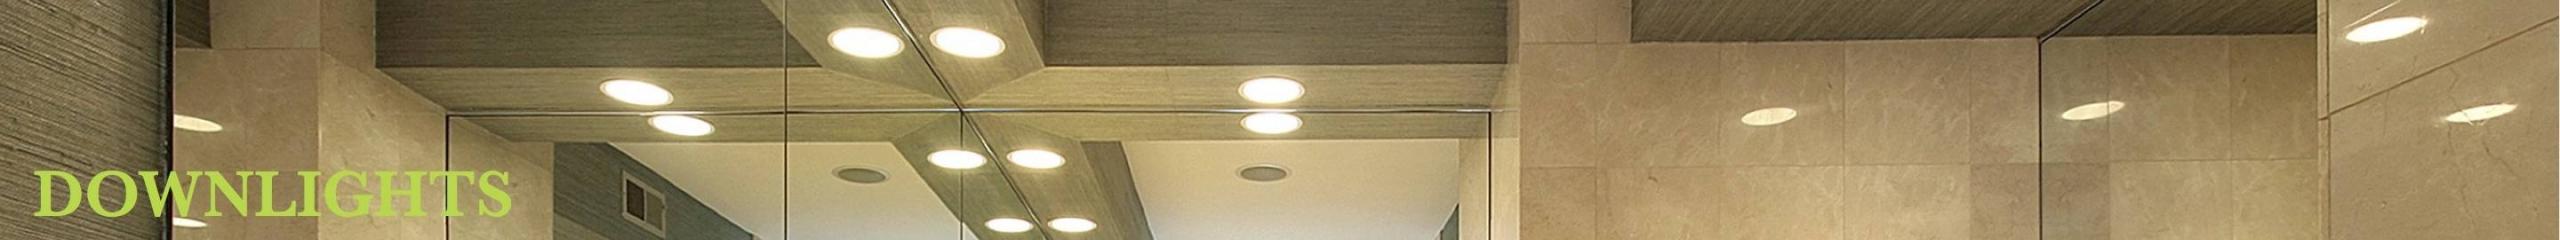 Downlights LED Redondos